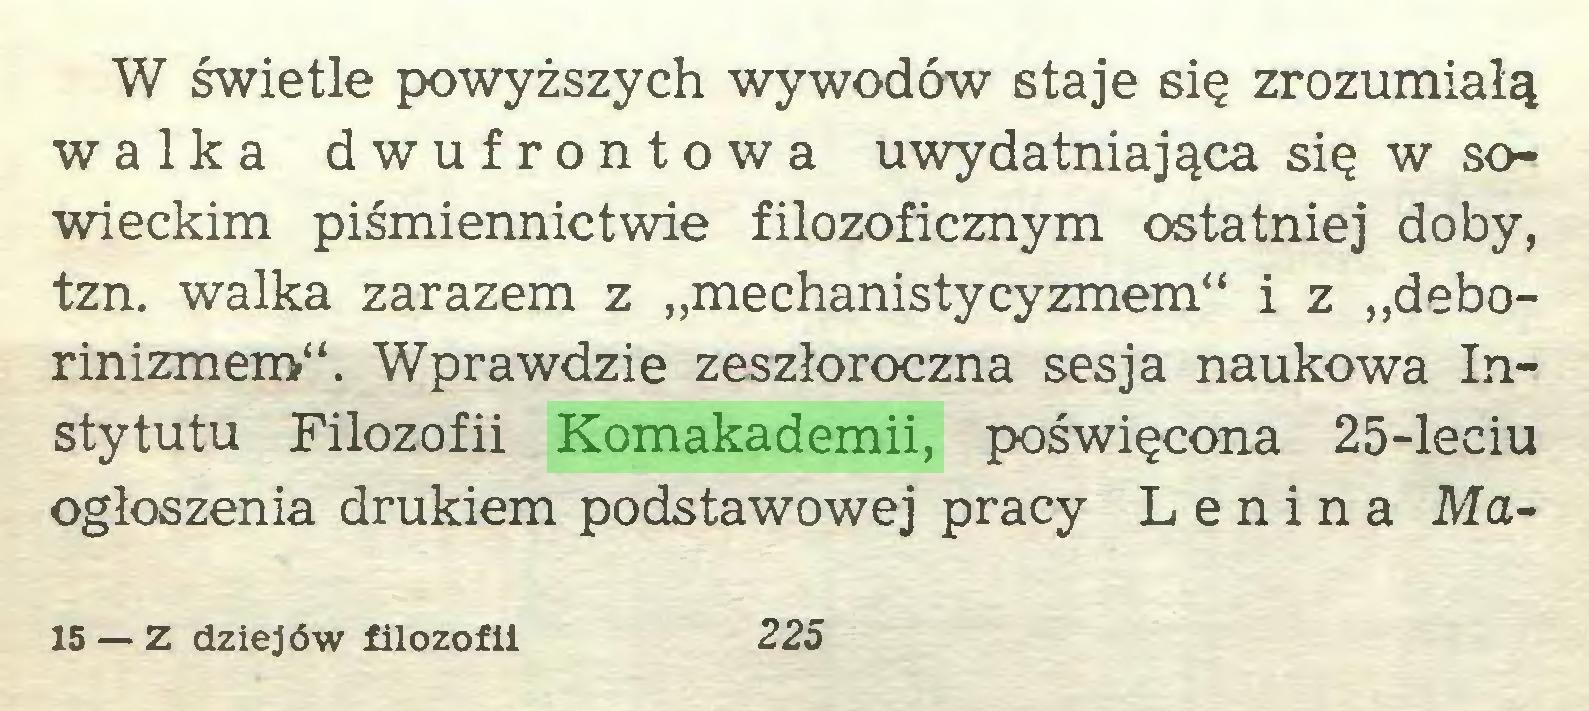 """(...) W świetle powyższych wywodów staje się zrozumiałą walka dwufrontowa uwydatniająca się w sowieckim piśmiennictwie filozoficznym ostatniej doby, tzn. walka zarazem z """"mechanistycyzmem"""" i z """"deborinizmem"""". Wprawdzie zeszłoroczna sesja naukowa Instytutu Filozofii Komakademii, poświęcona 25-leciu ogłoszenia drukiem podstawowej pracy Lenina Ma15 — Z dziejów filozofii 225..."""